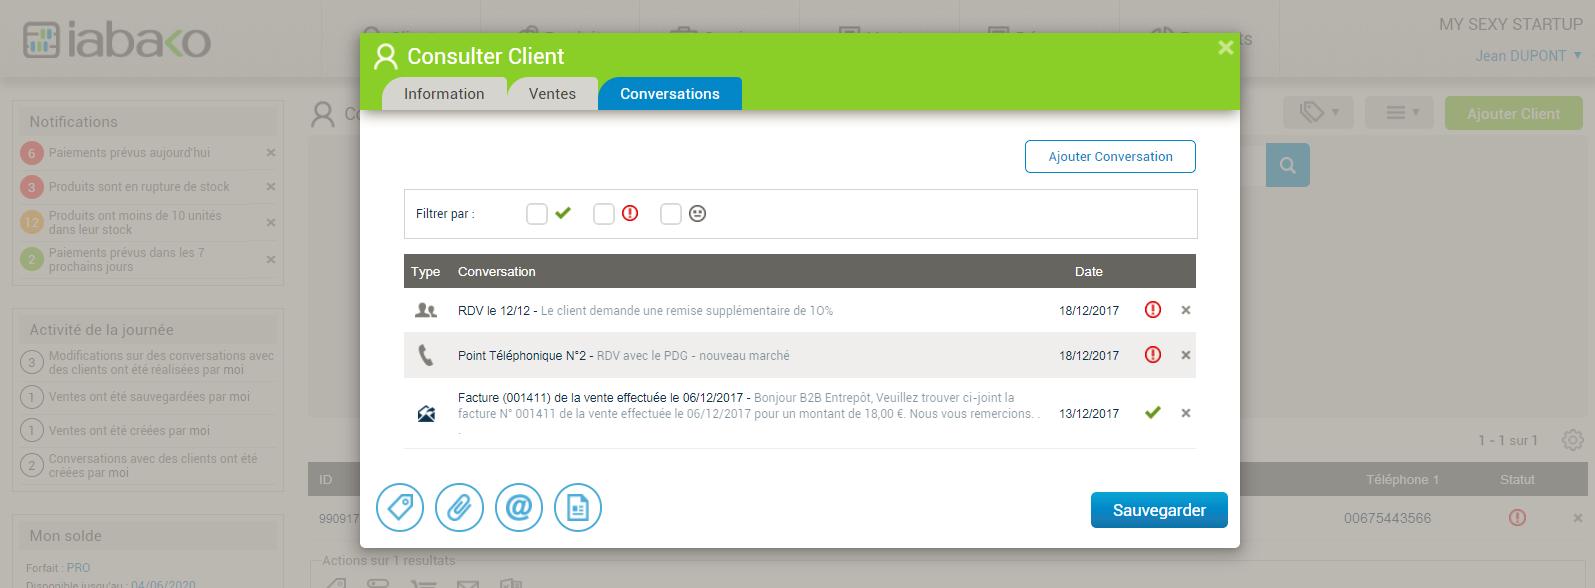 Client - conversations